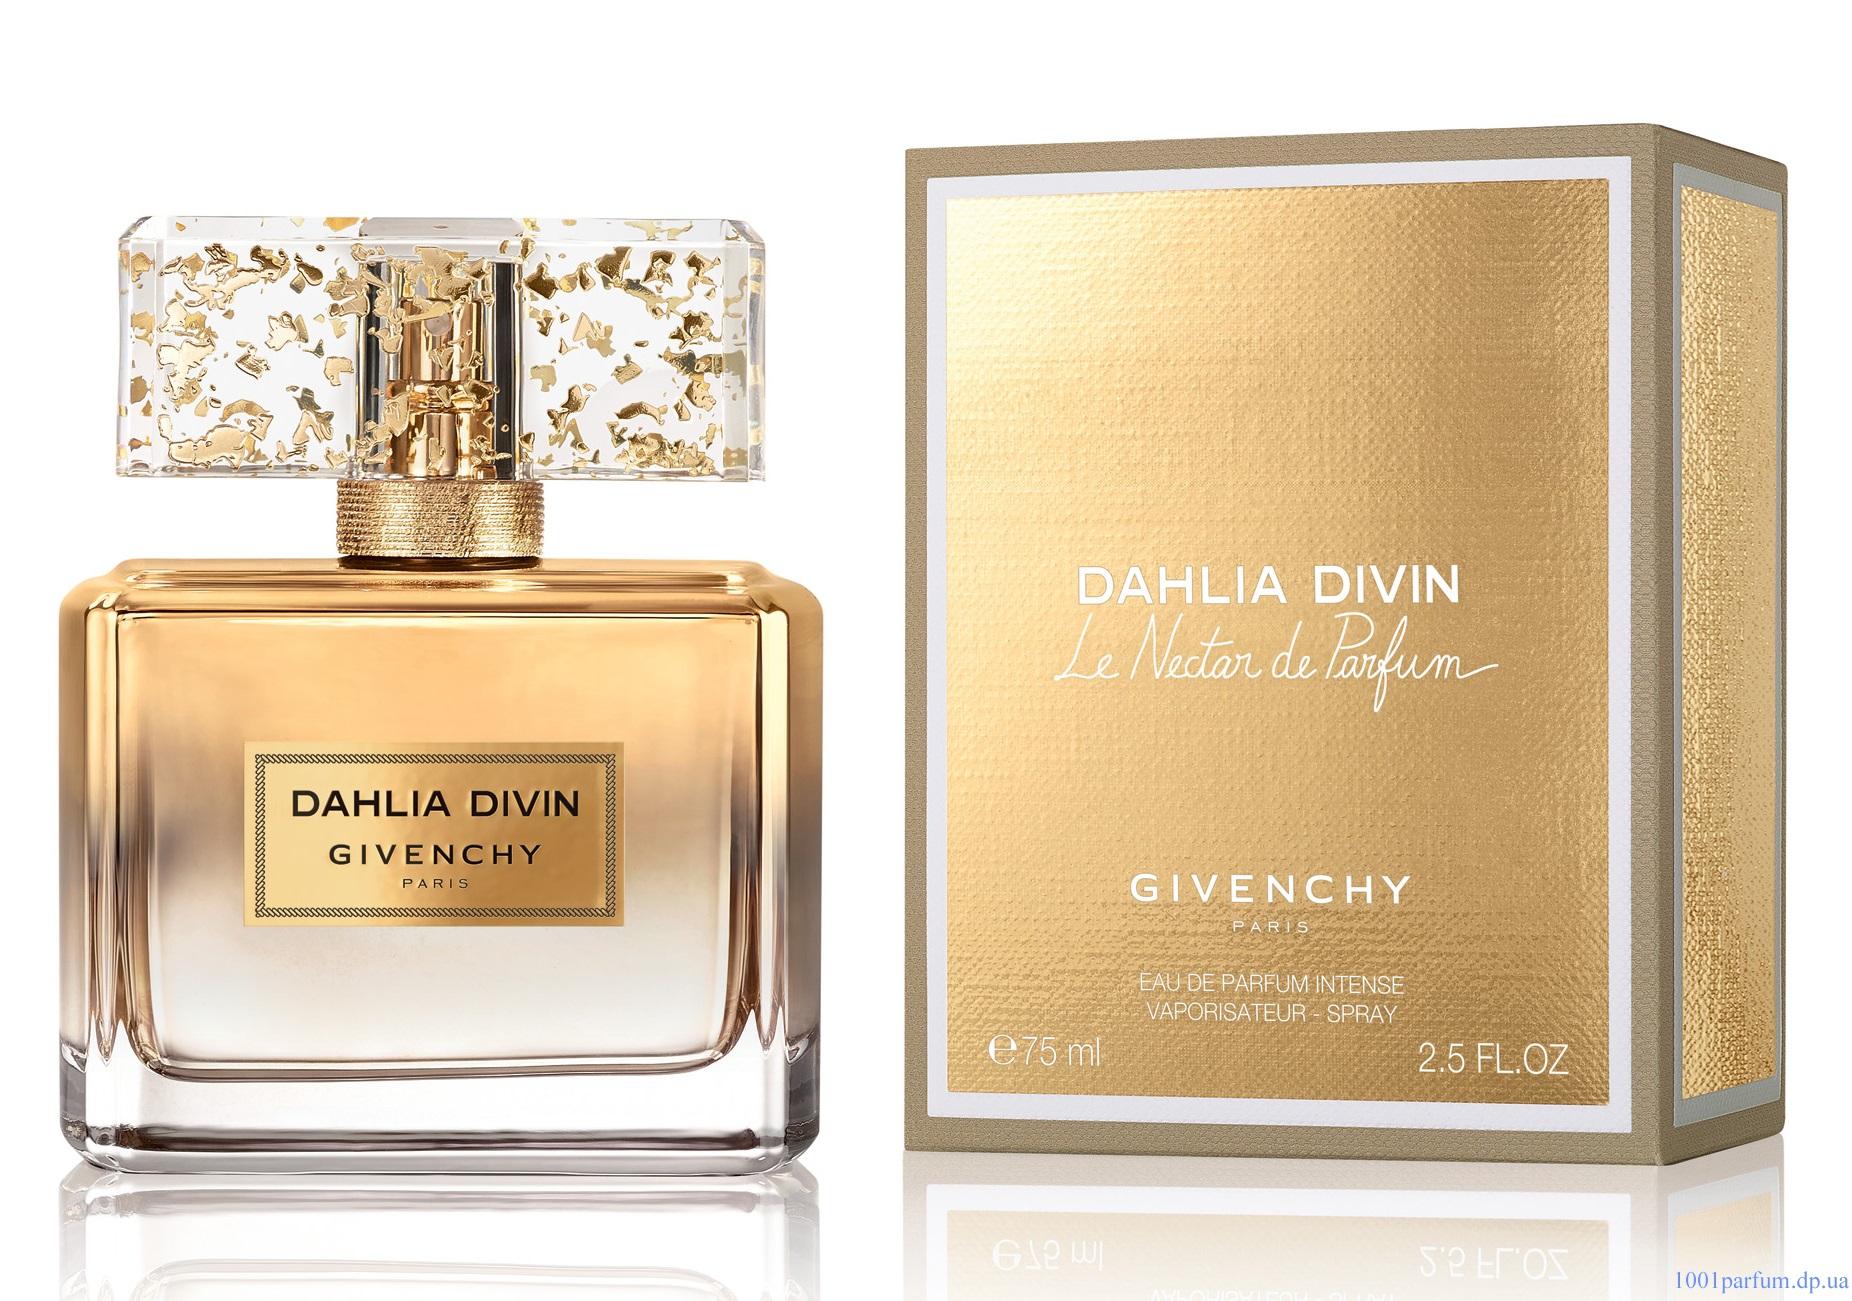 Salon De Jardin De Luxe Inspirant Dahlia Divin Le Nectar De Parfum Givenchy Of 40 Élégant Salon De Jardin De Luxe